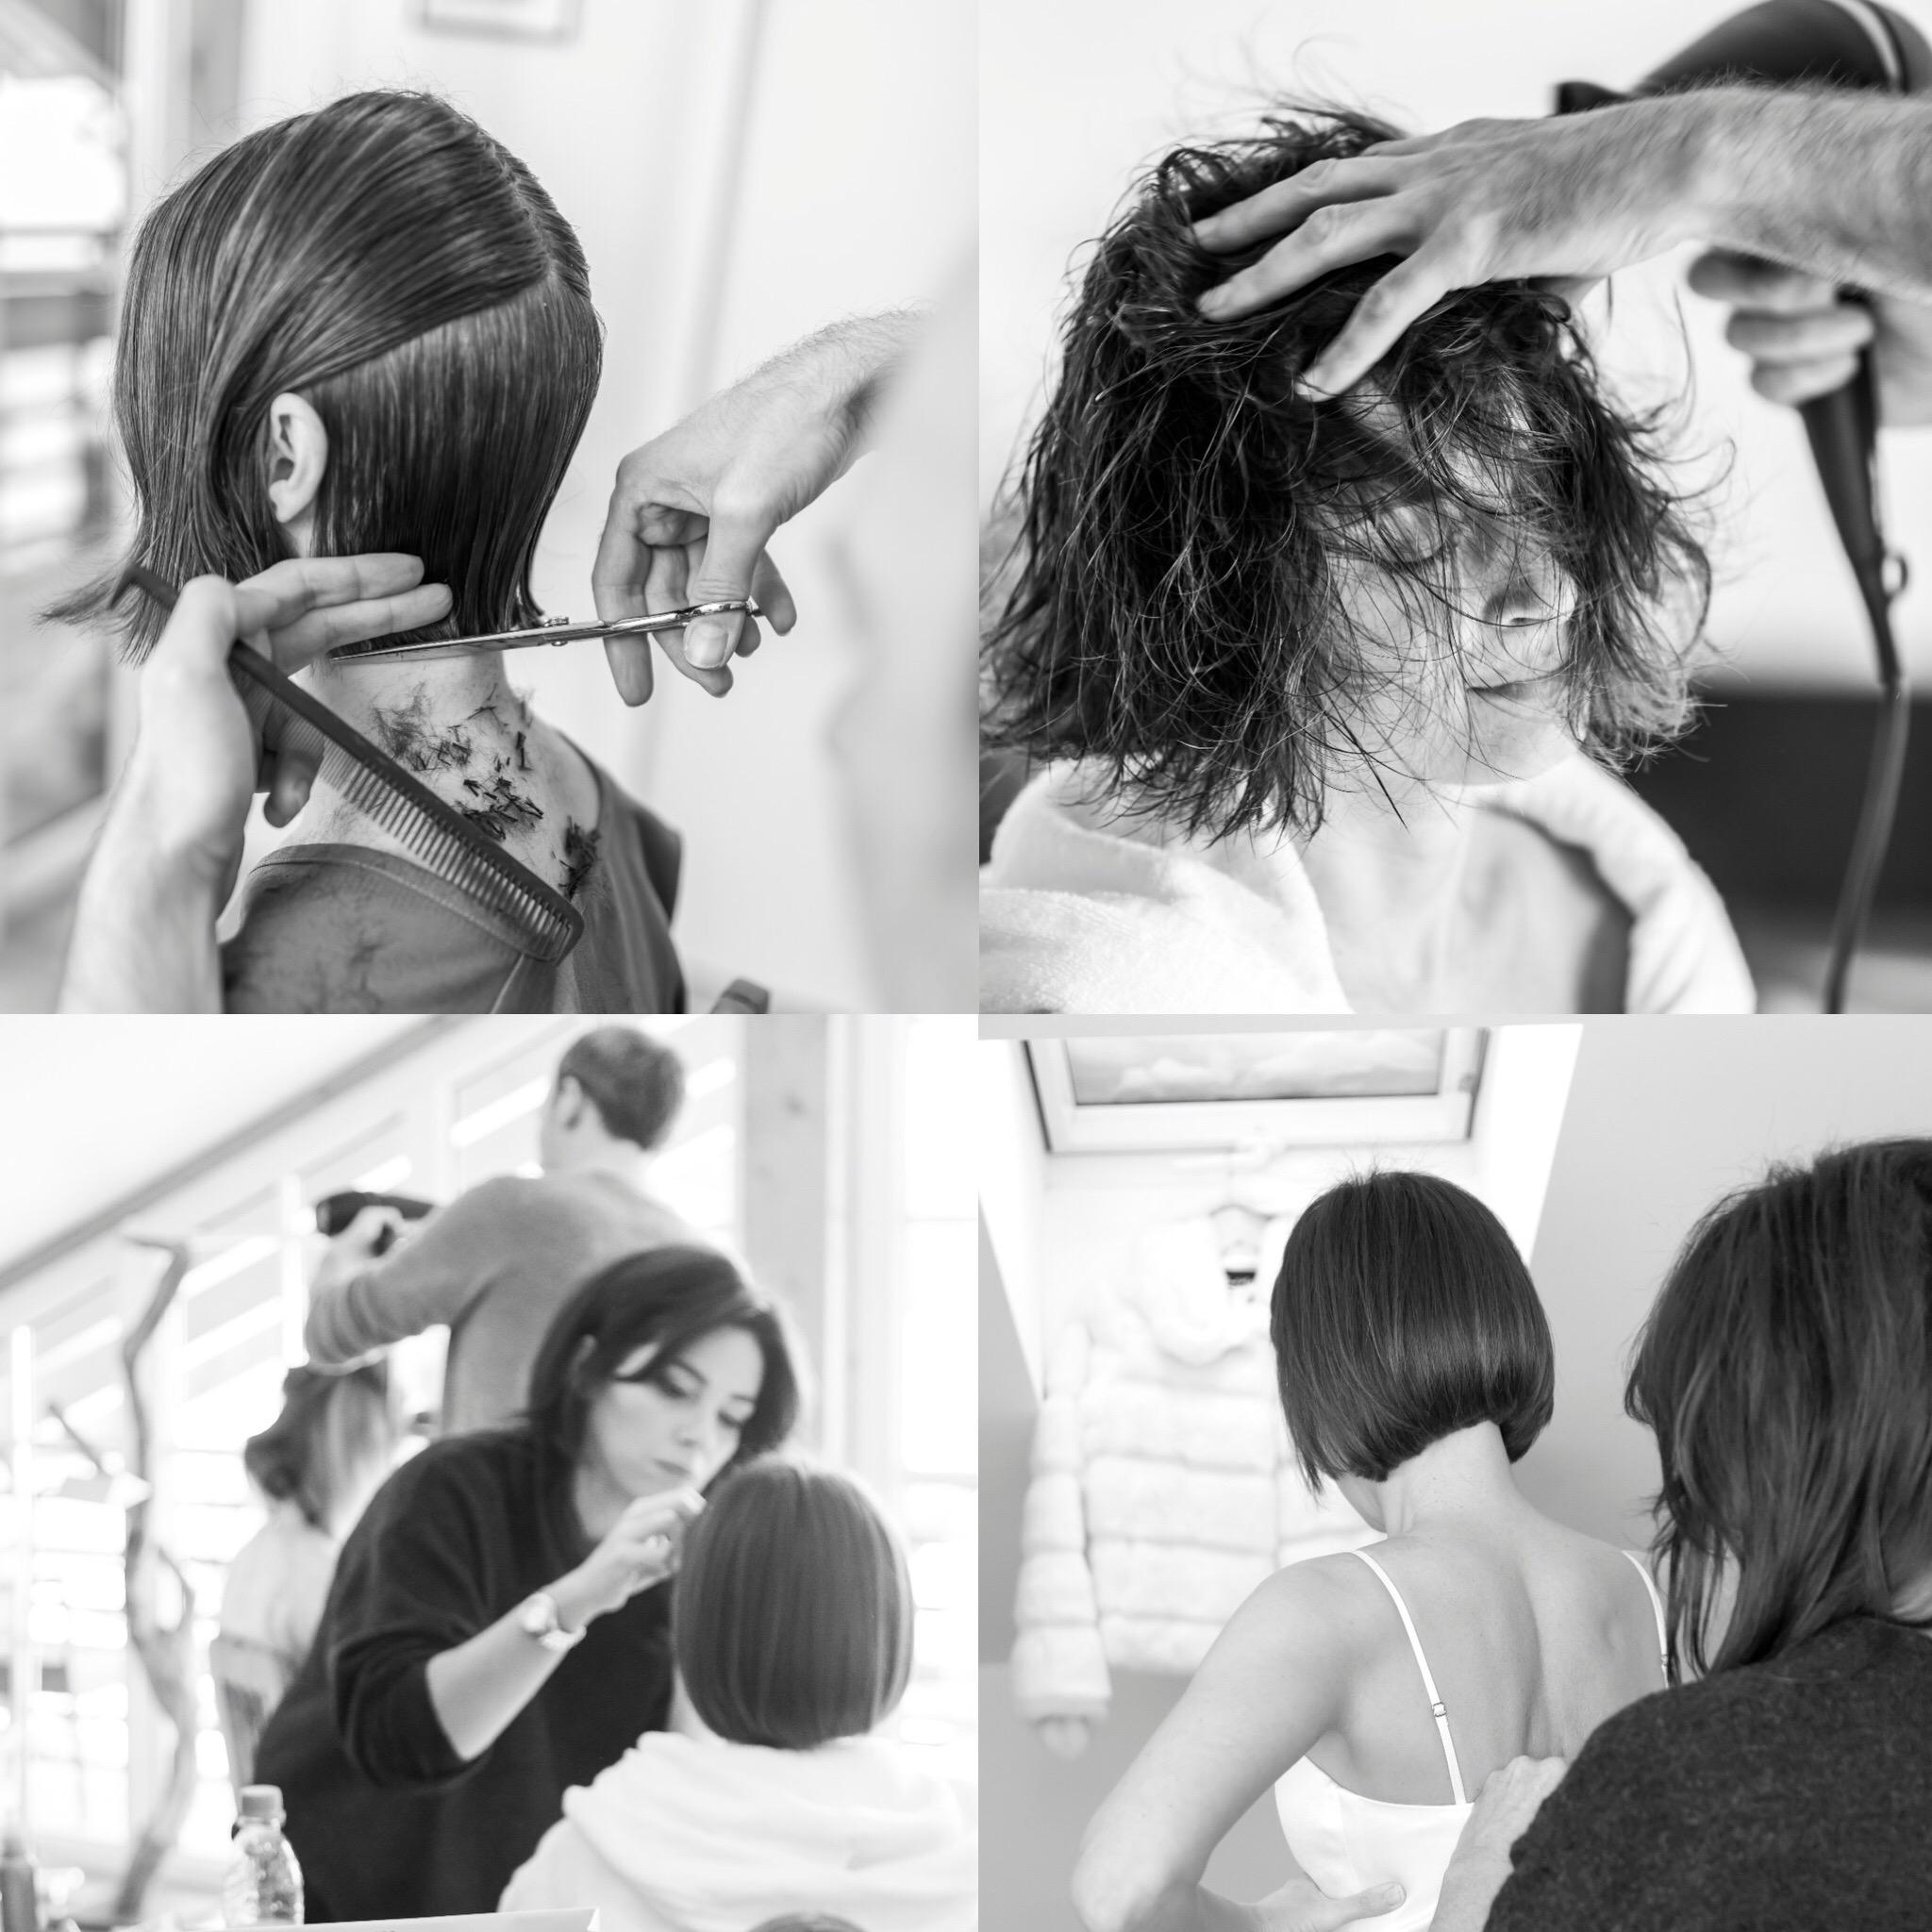 Hochzeits-Styling ChrisKathnes Friseure - Das perfekte Brautstyling - für deinen unvergesslichen TagAn Ihrem Hochzeitstag möchten Sie nichts dem Zufall überlassen?Dann lehnen Sie sich entspannt zurück und begeben Sie sich in die Hände unserer professionellen Stylisten.Genießen Sie die freundliche Atmosphäre in unserem Salon oder lassen Sie sich vor Ort von uns stylen.